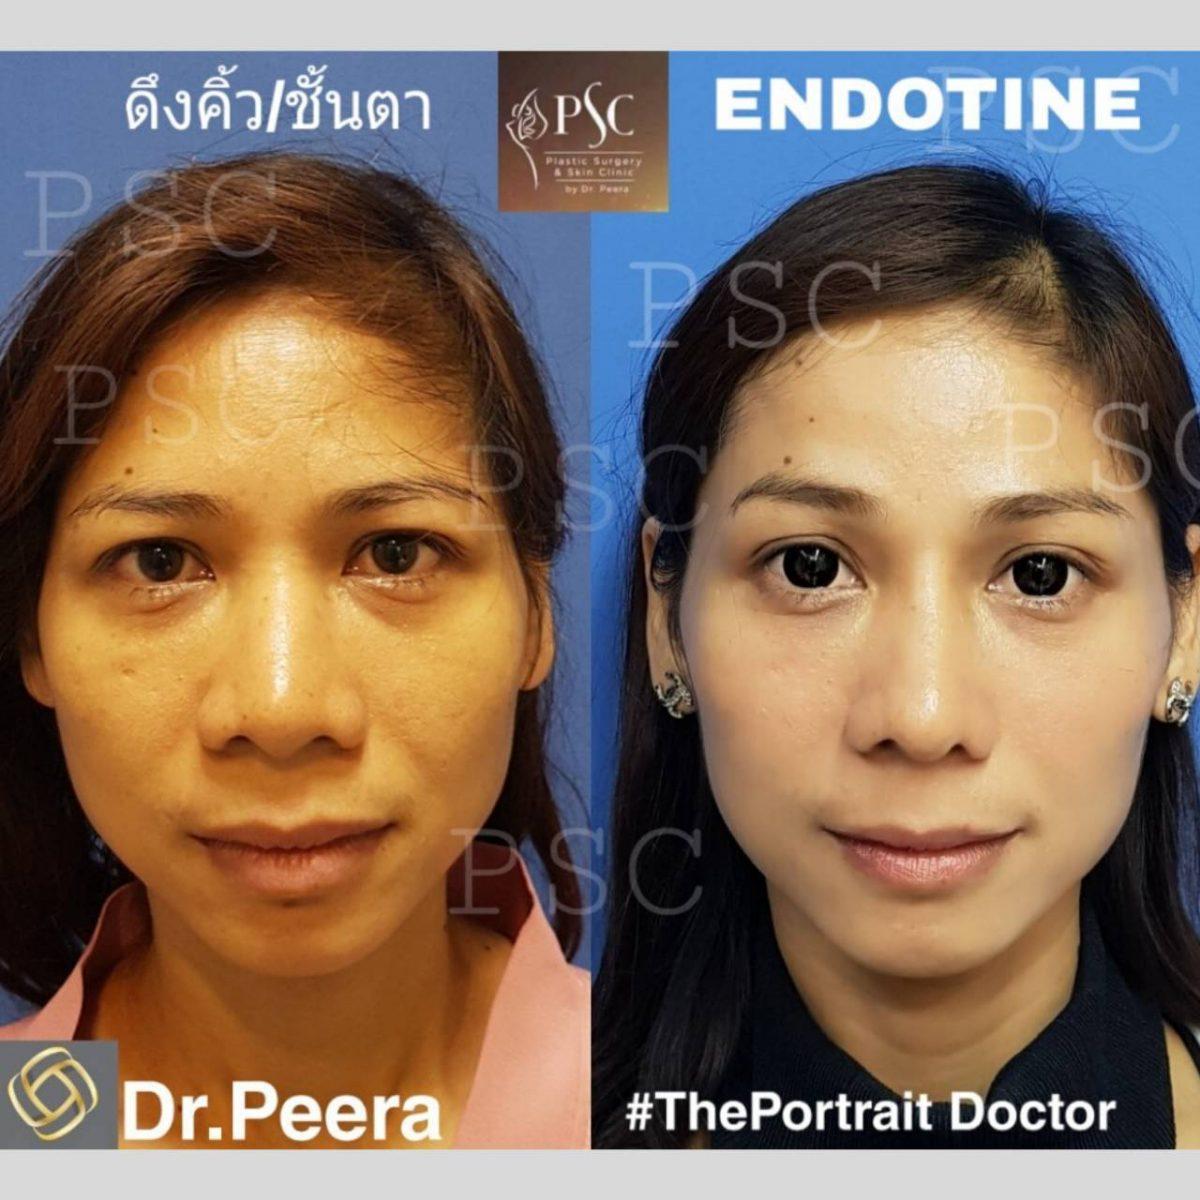 ดึงคิ้วและชั้นตา ด้วย Endotine +การส่องกล้อง -01